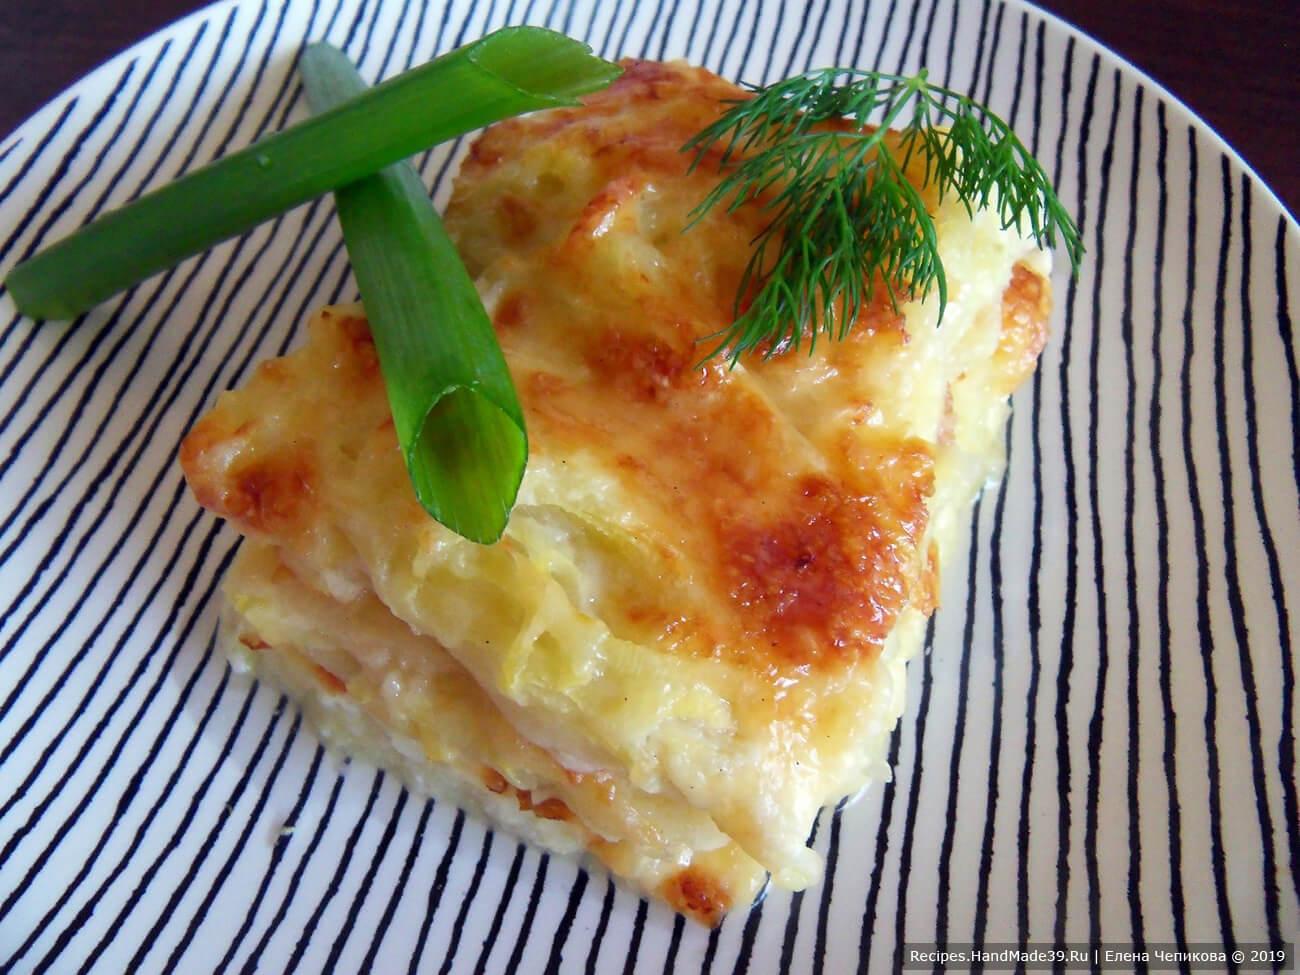 Запечённый кабачок с сыром и белым соусом вкусен как в горячем, так и в холодном виде